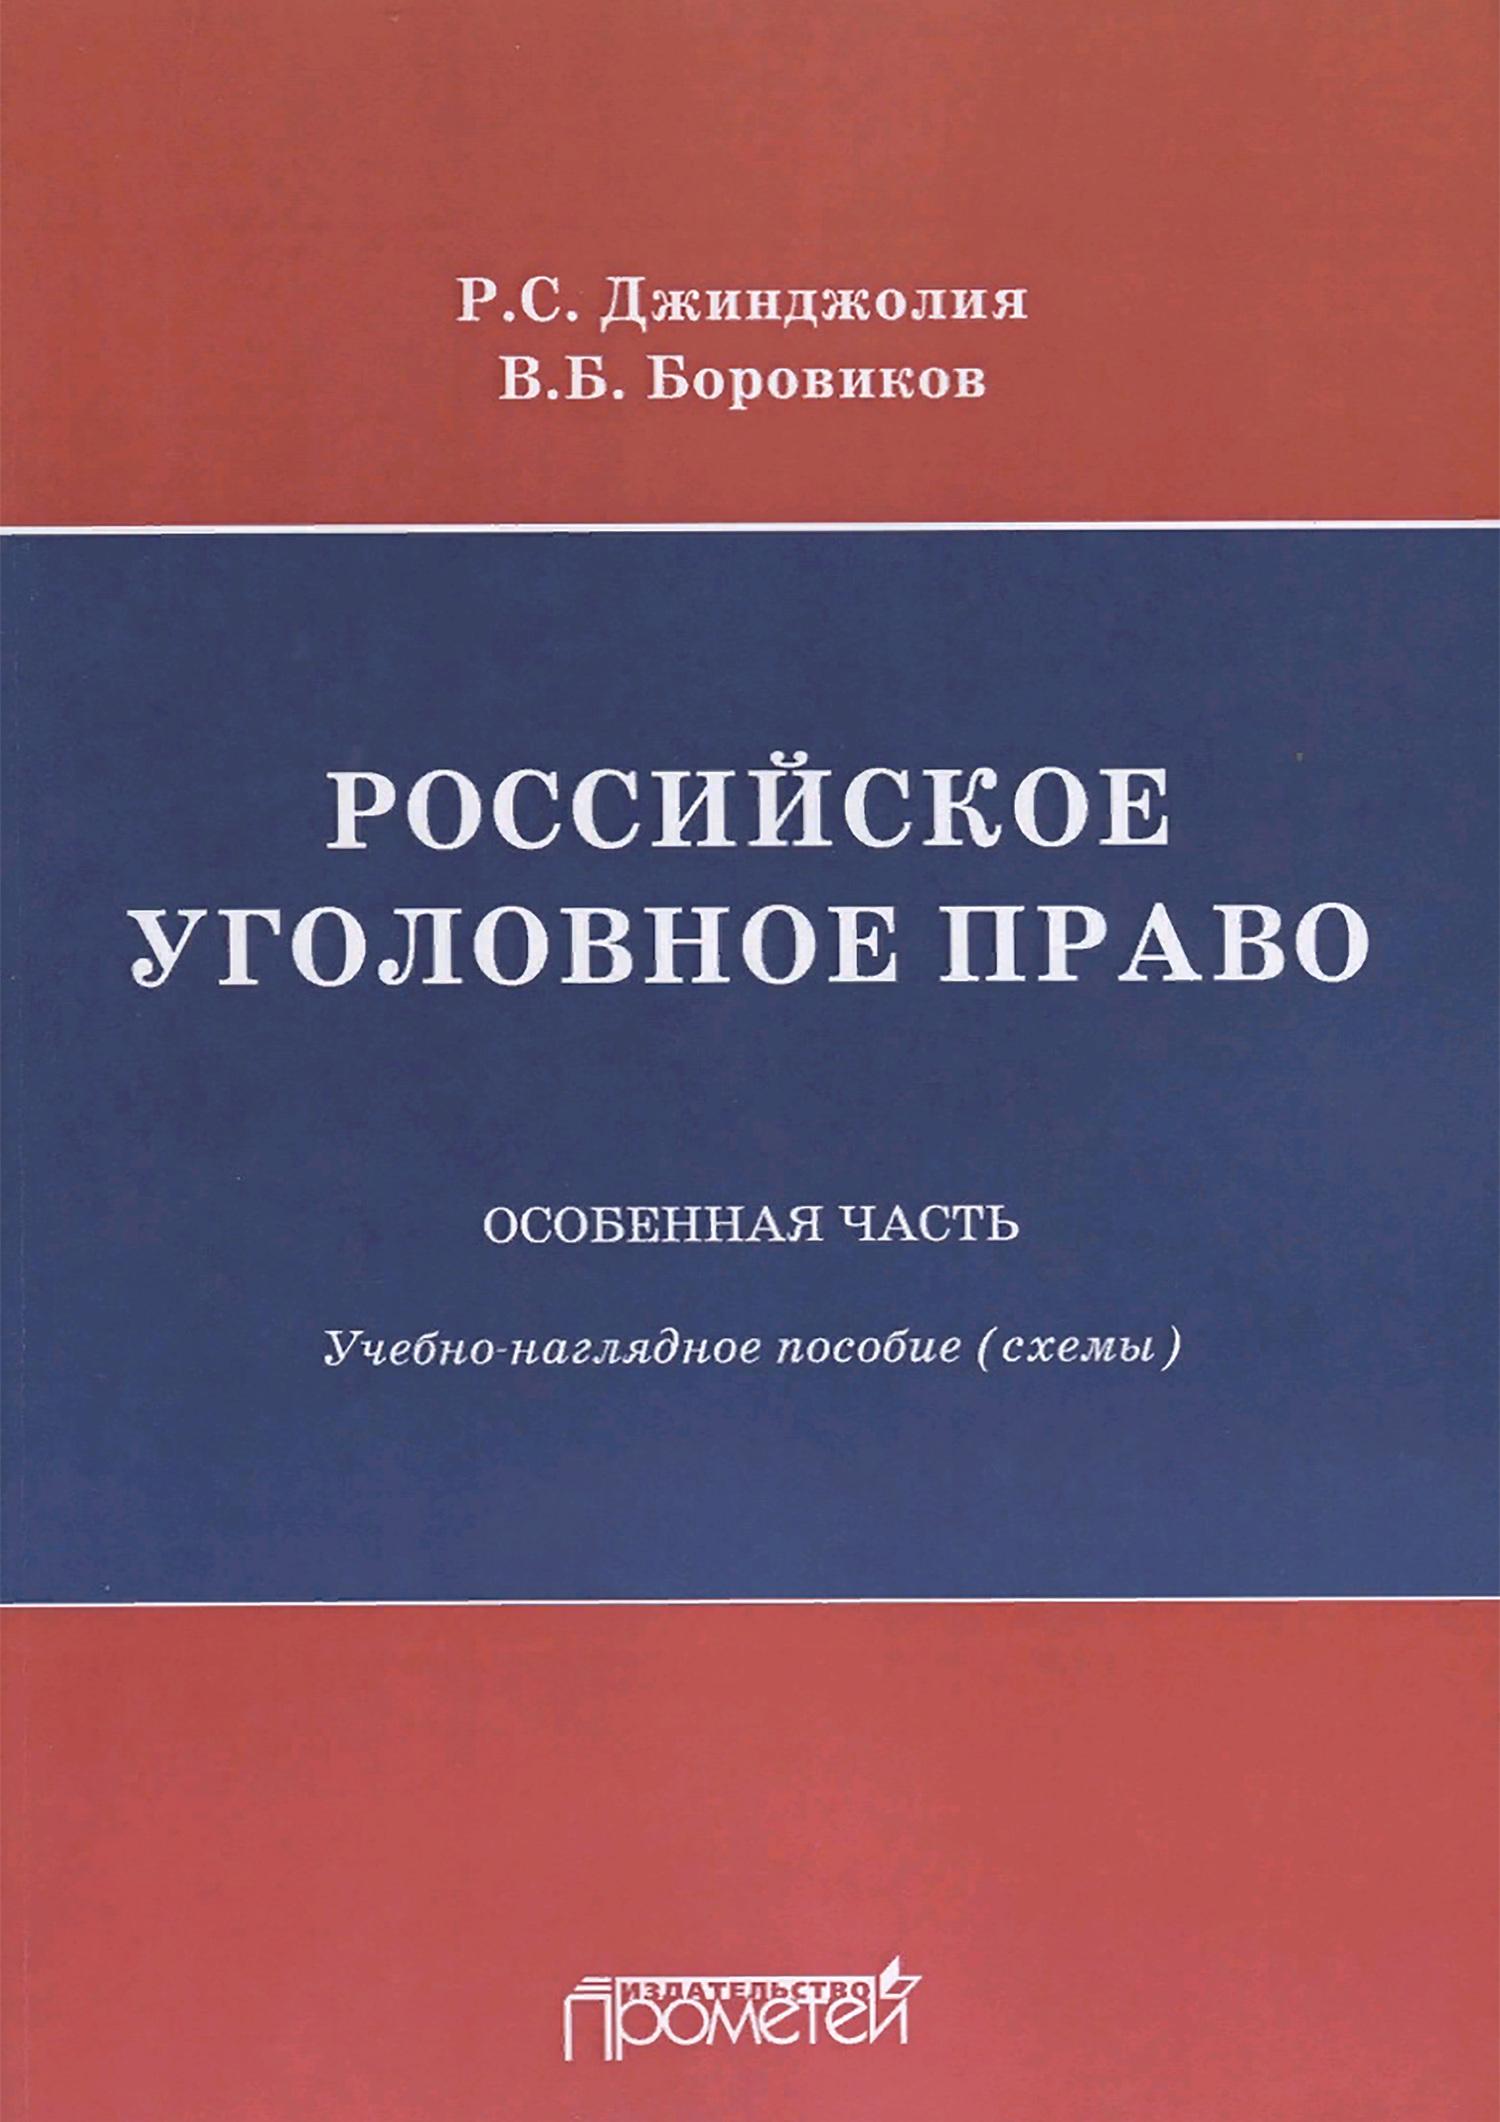 Российское уголовное право. Особенная часть. Учебно-наглядное пособие (схемы)